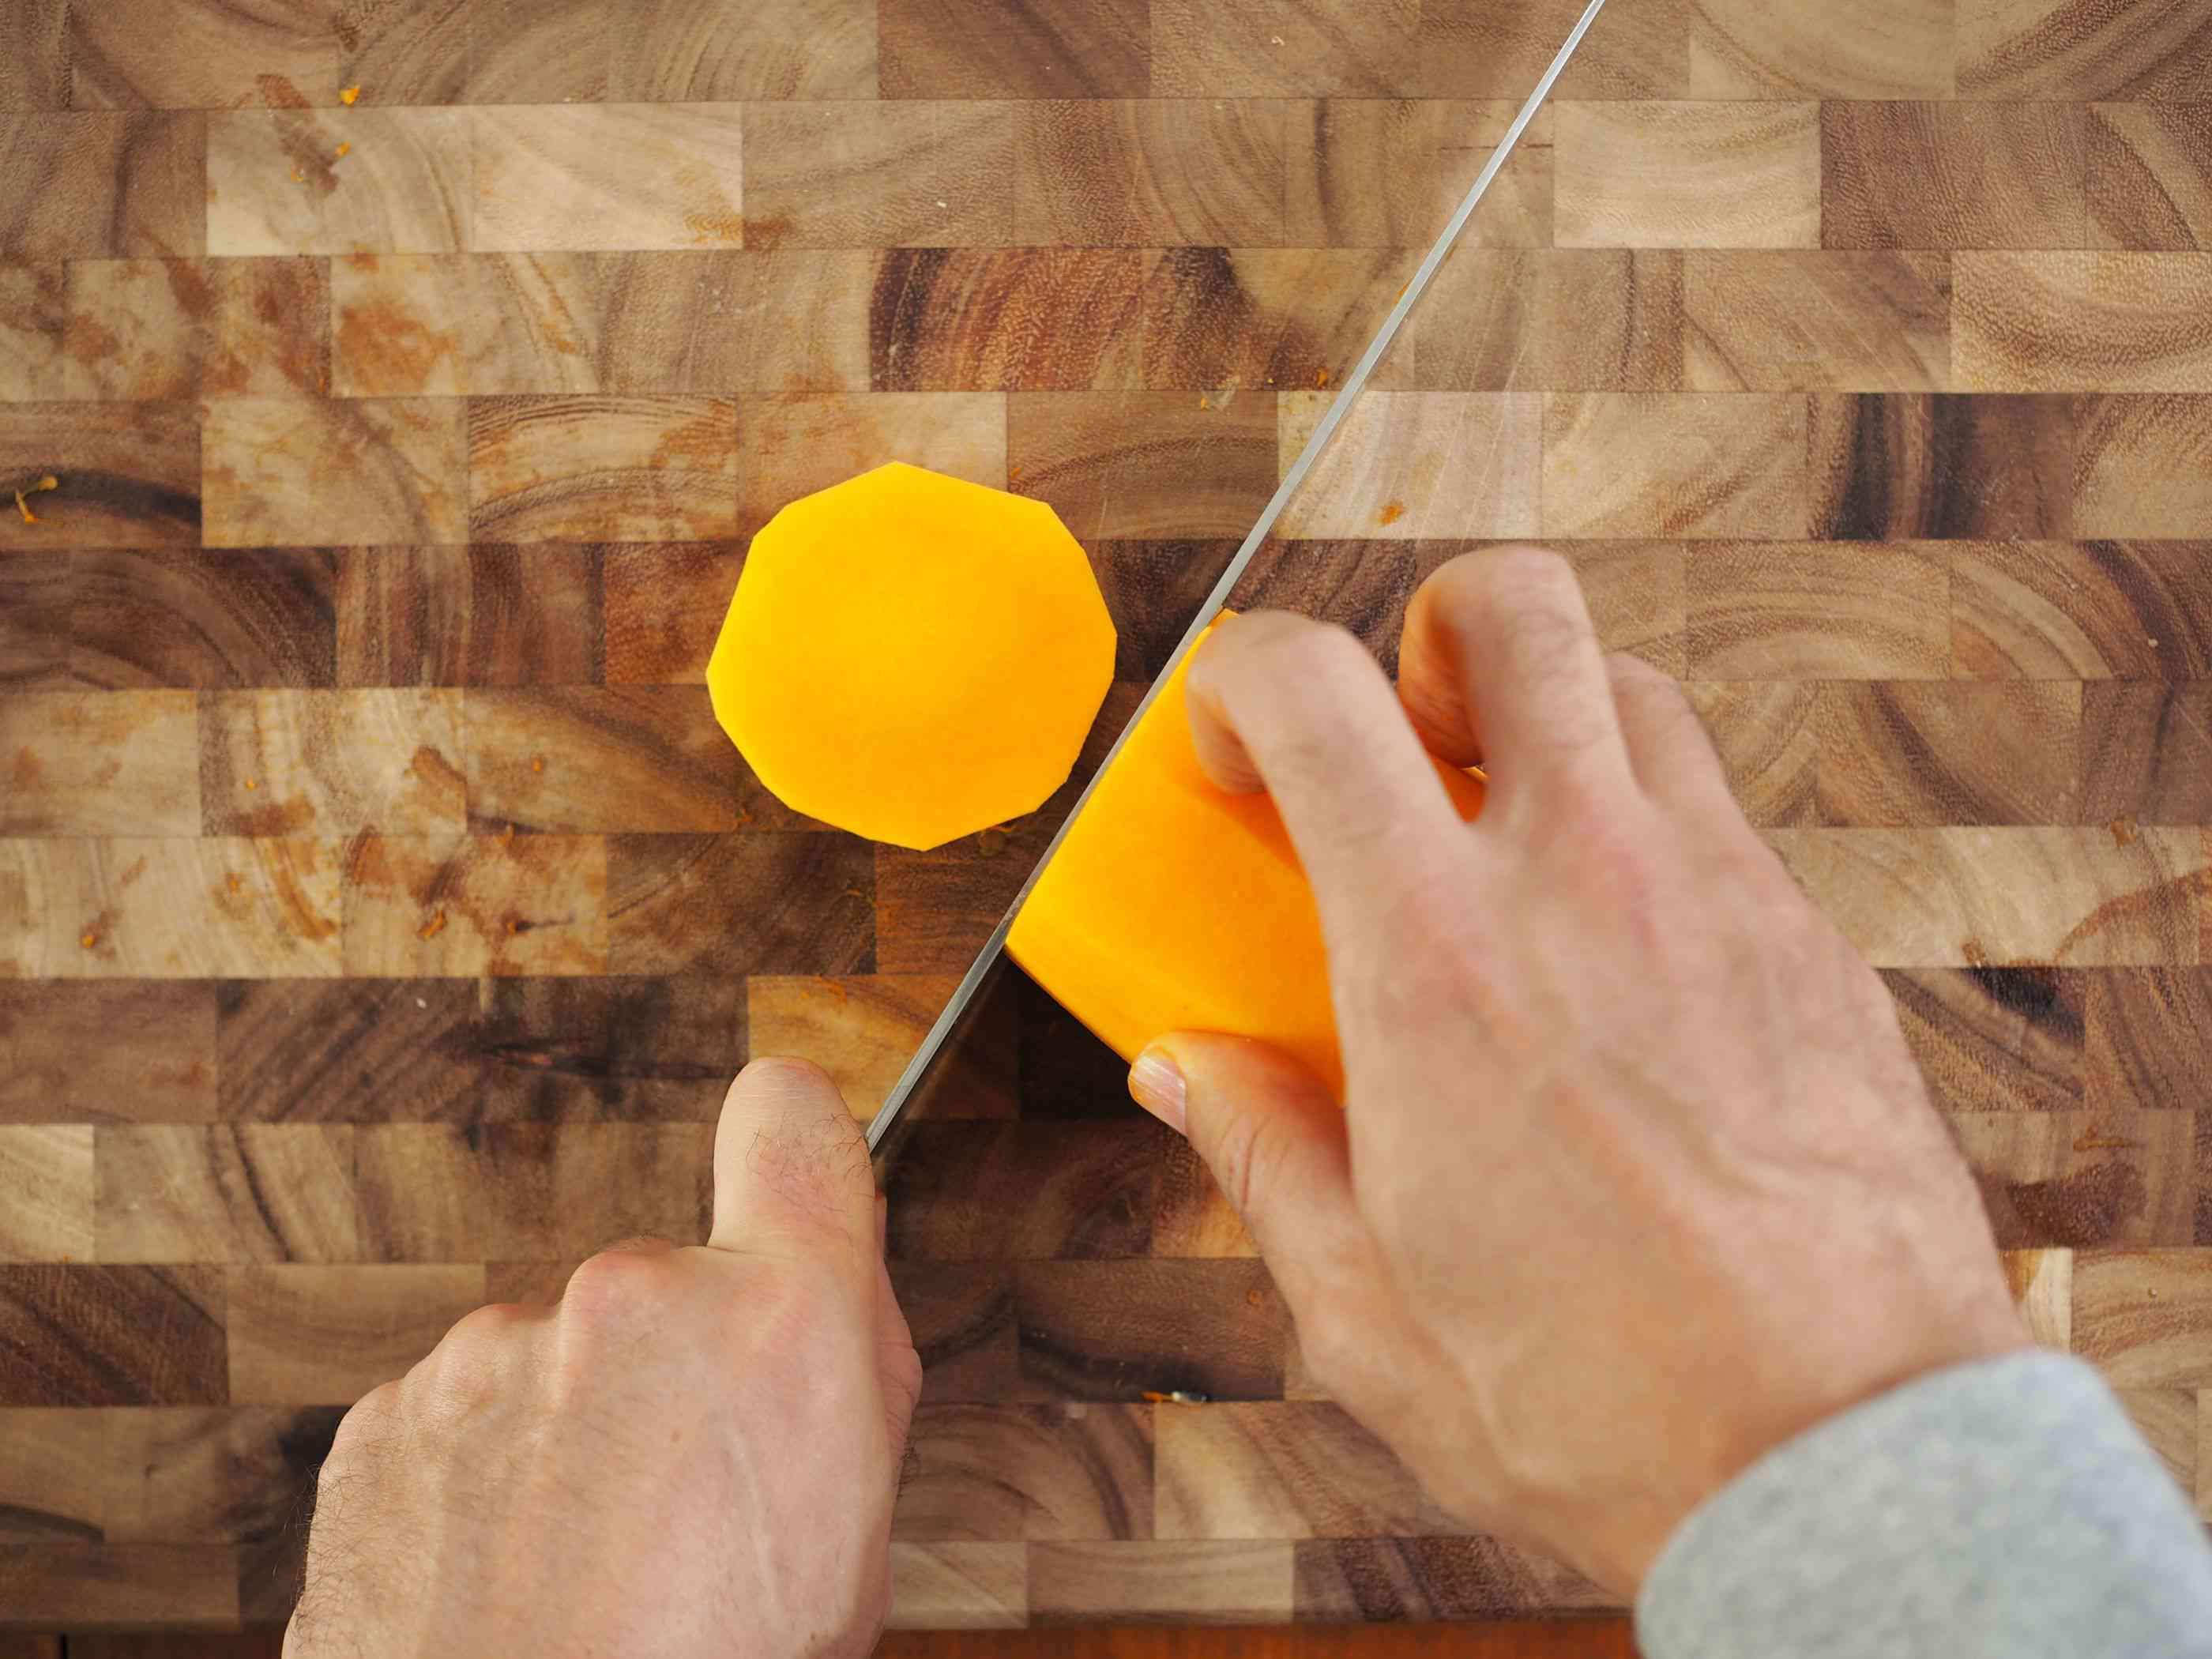 20141008-knife-skills-butternut-squash-daniel-gritzer30.jpg